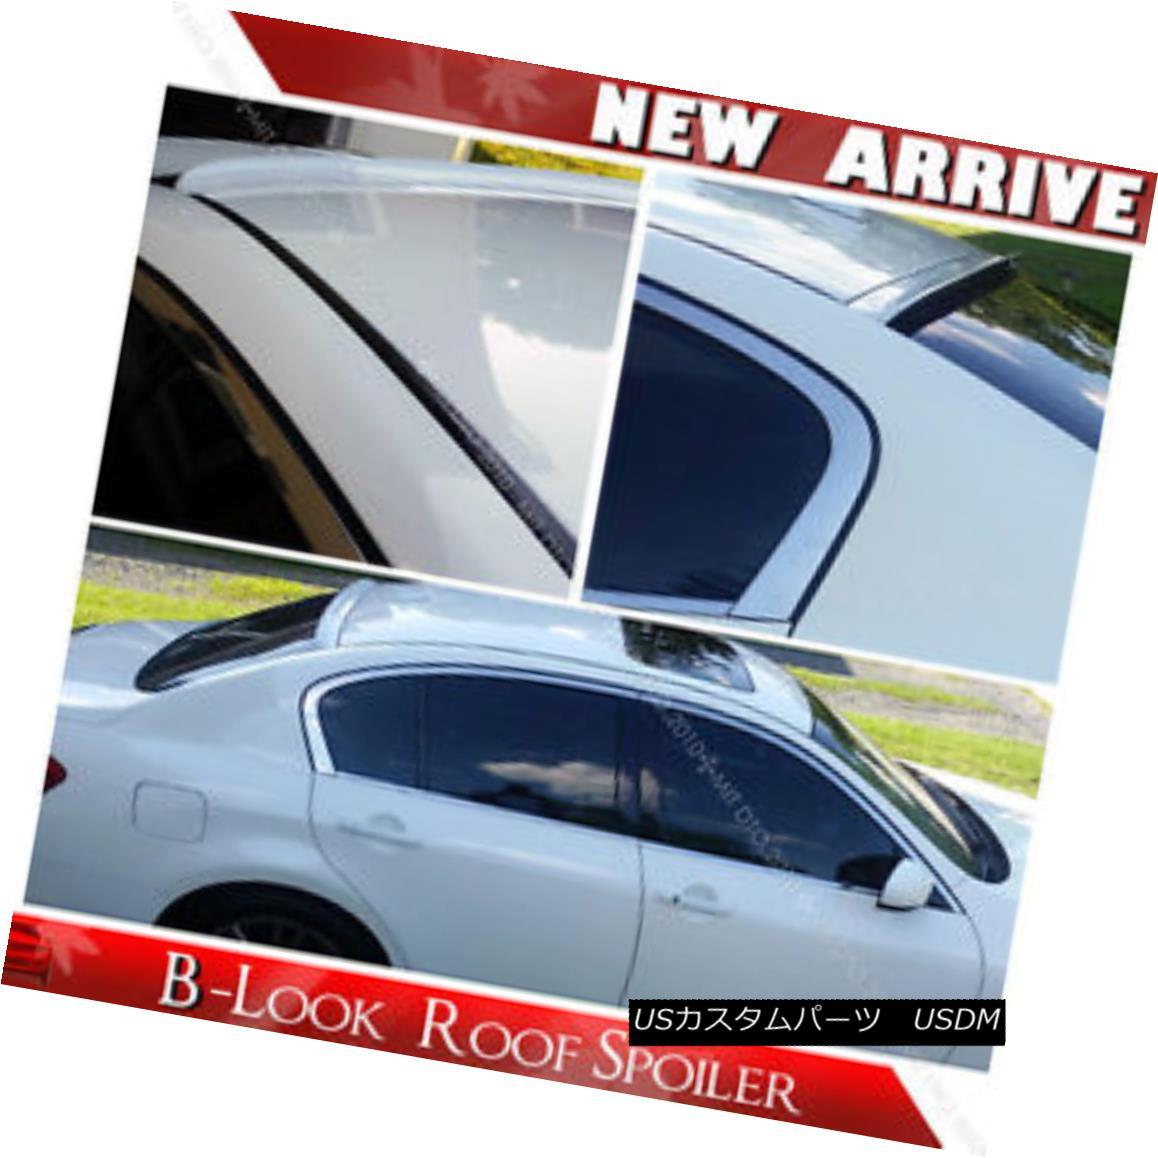 エアロパーツ Painted G35 G37 G25 Q40 V36 Window Rear Roof Lip Spoiler 07-13 § 塗装G35 G37 G25 Q40 V36ウィンドウリアルーフリップスポイラー07-13